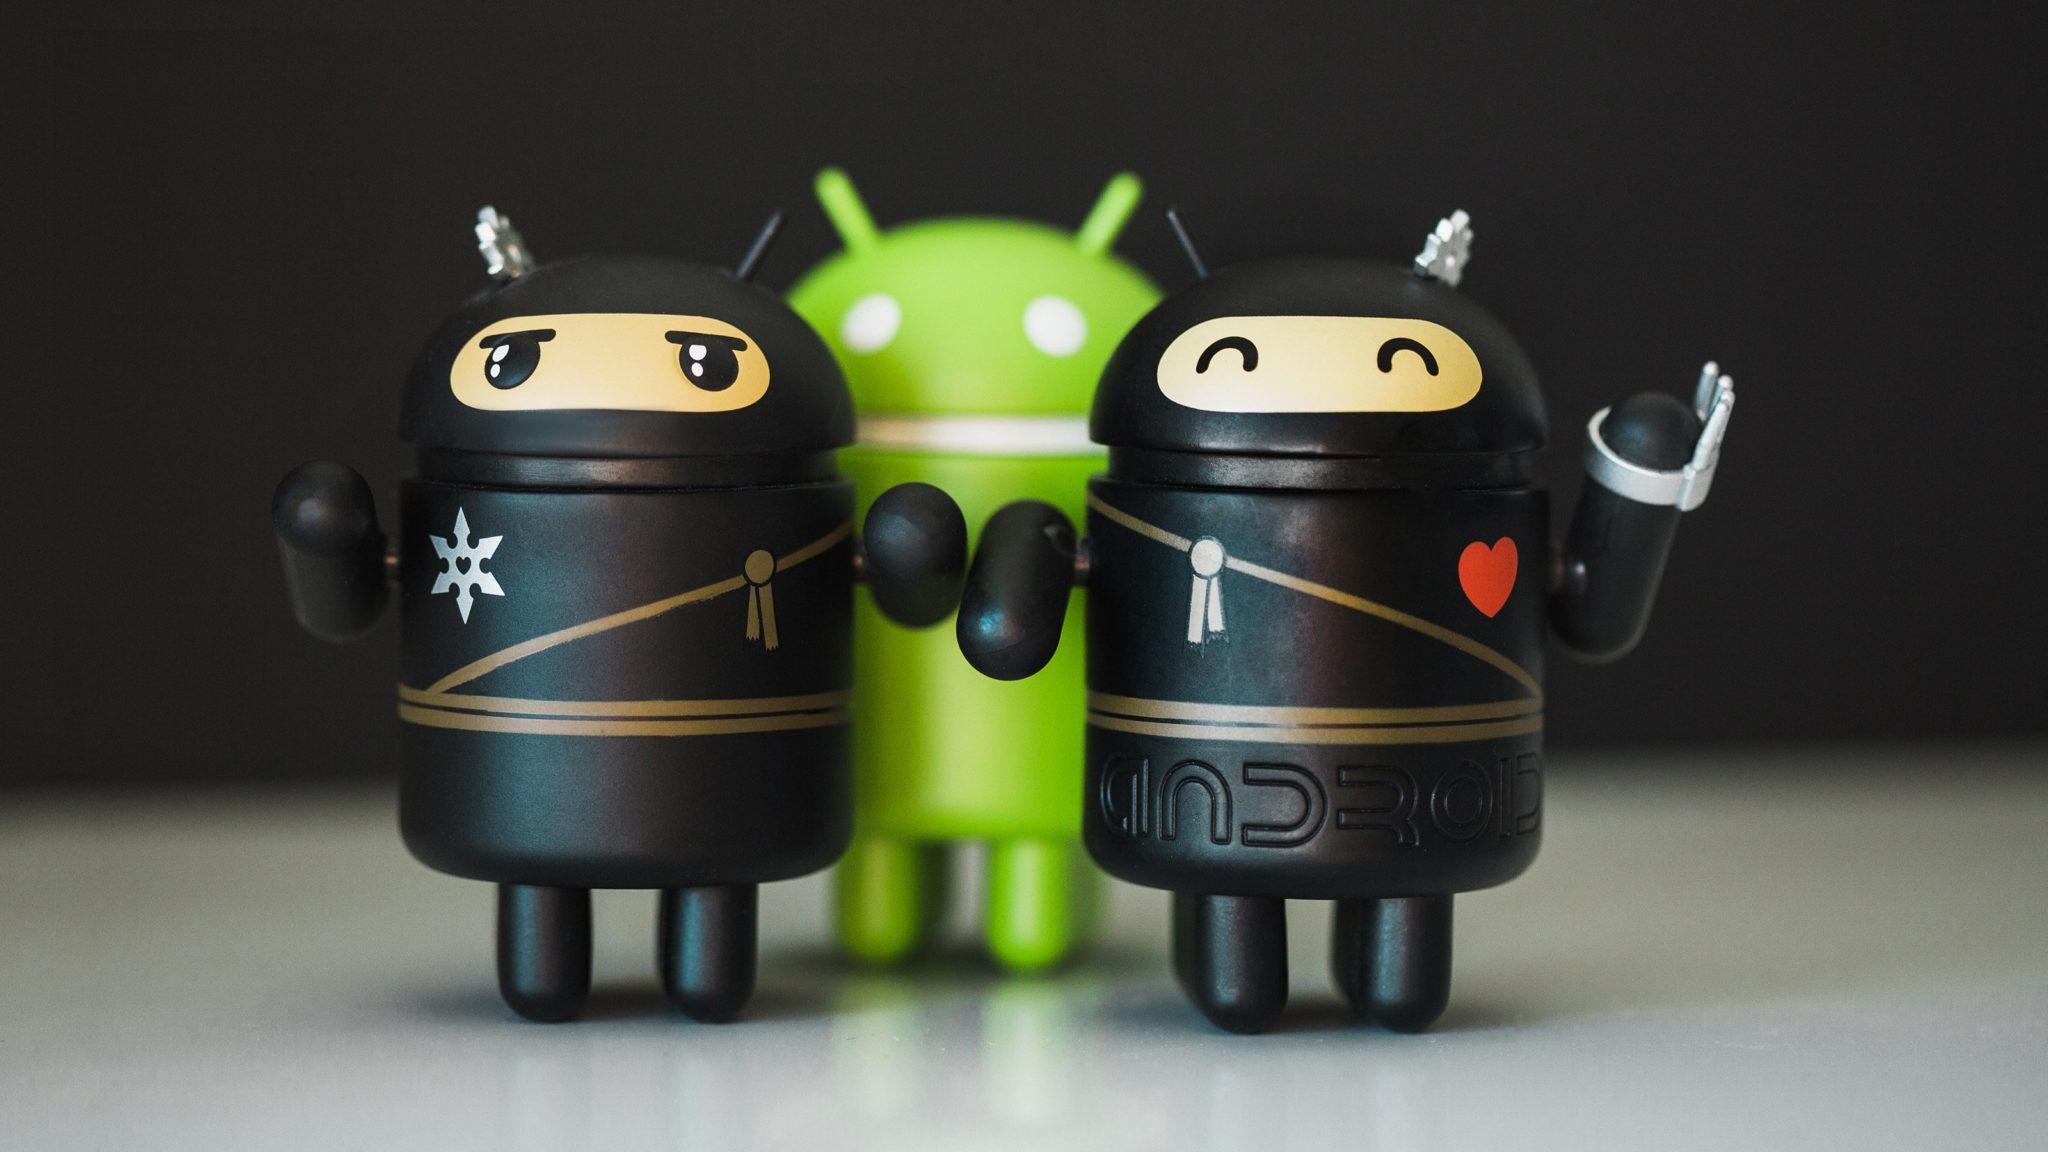 حماية هاتفك الأندرويد